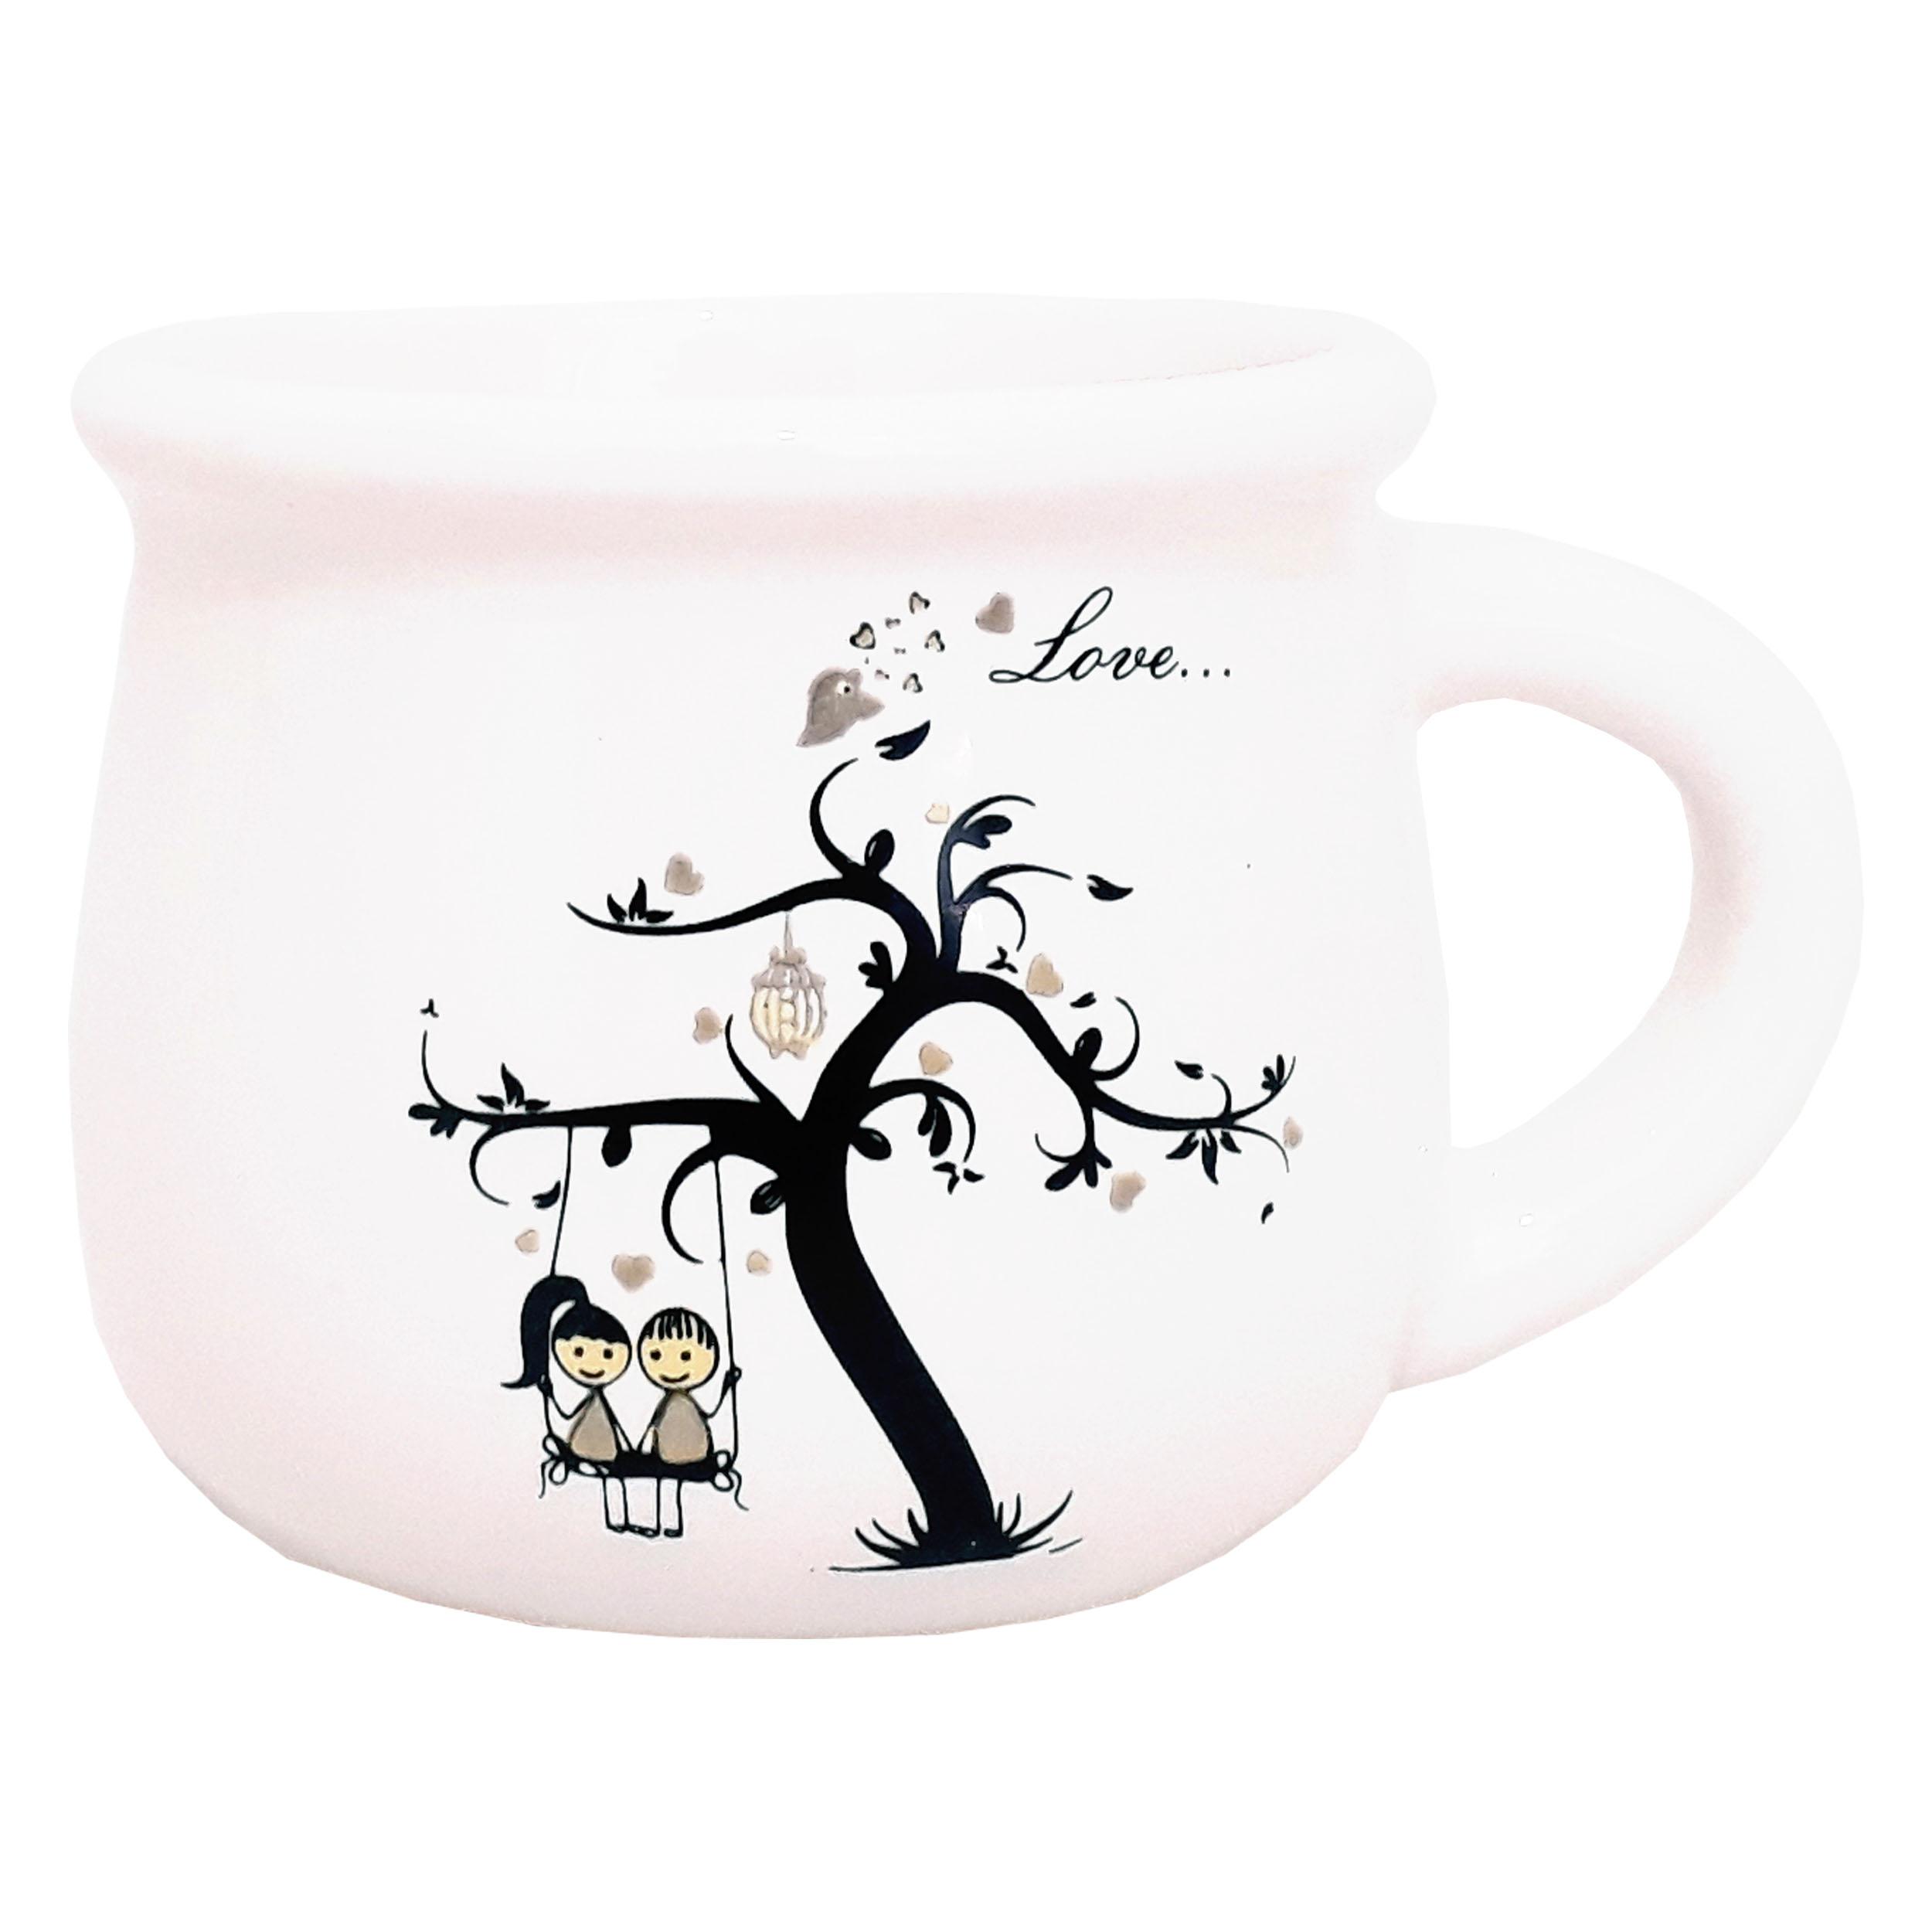 راهنمای خرید ماگ طرح درخت عشق کد DE1 لیست قیمت